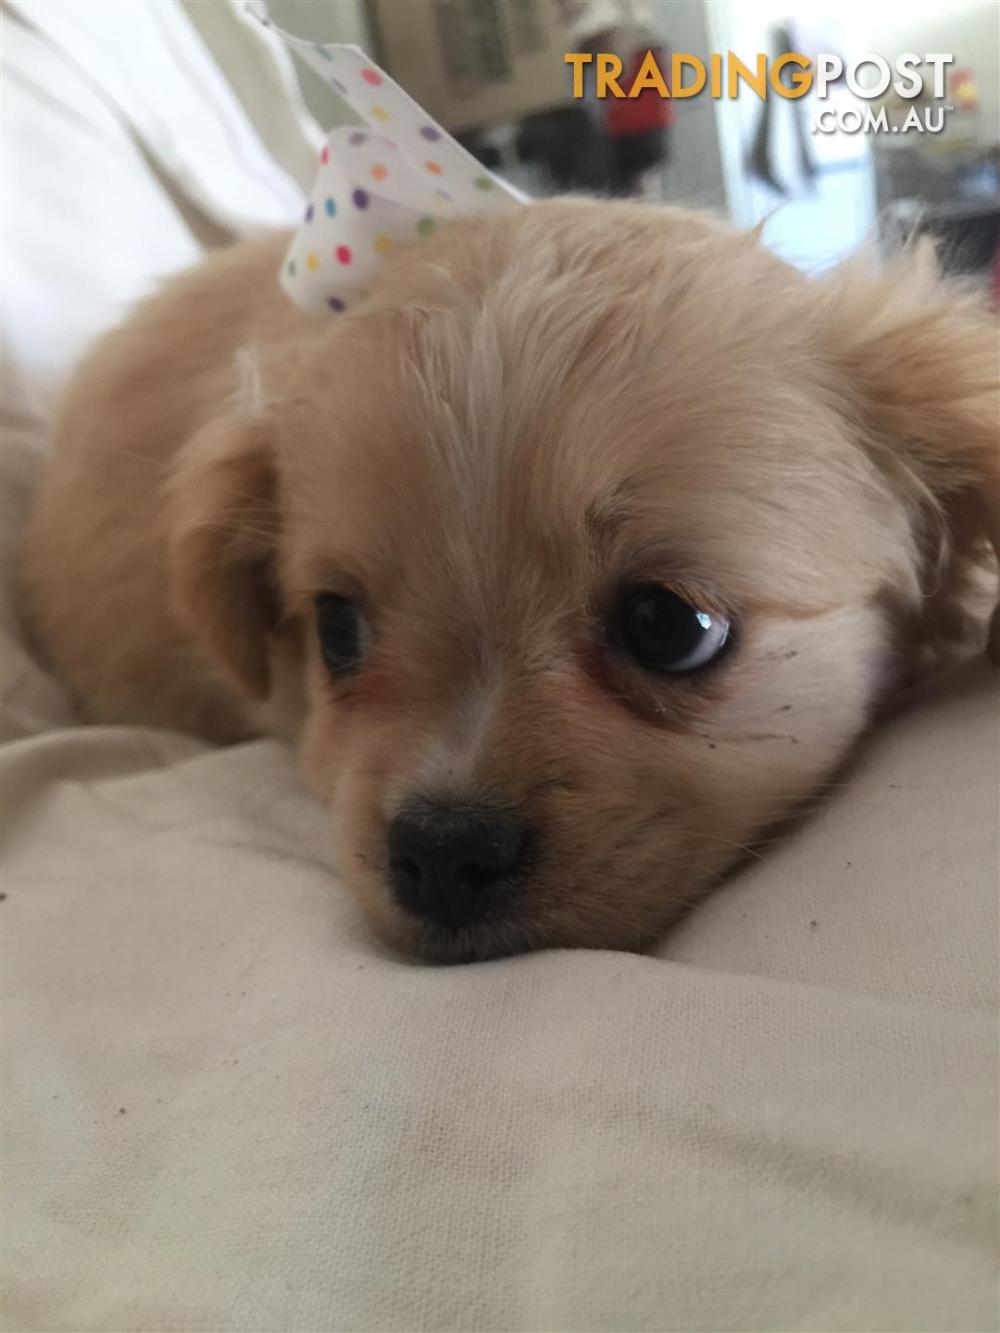 Shihtzu Maltese Cavalier Greyhound Puppy Beagle Puppy Bulldog Puppies